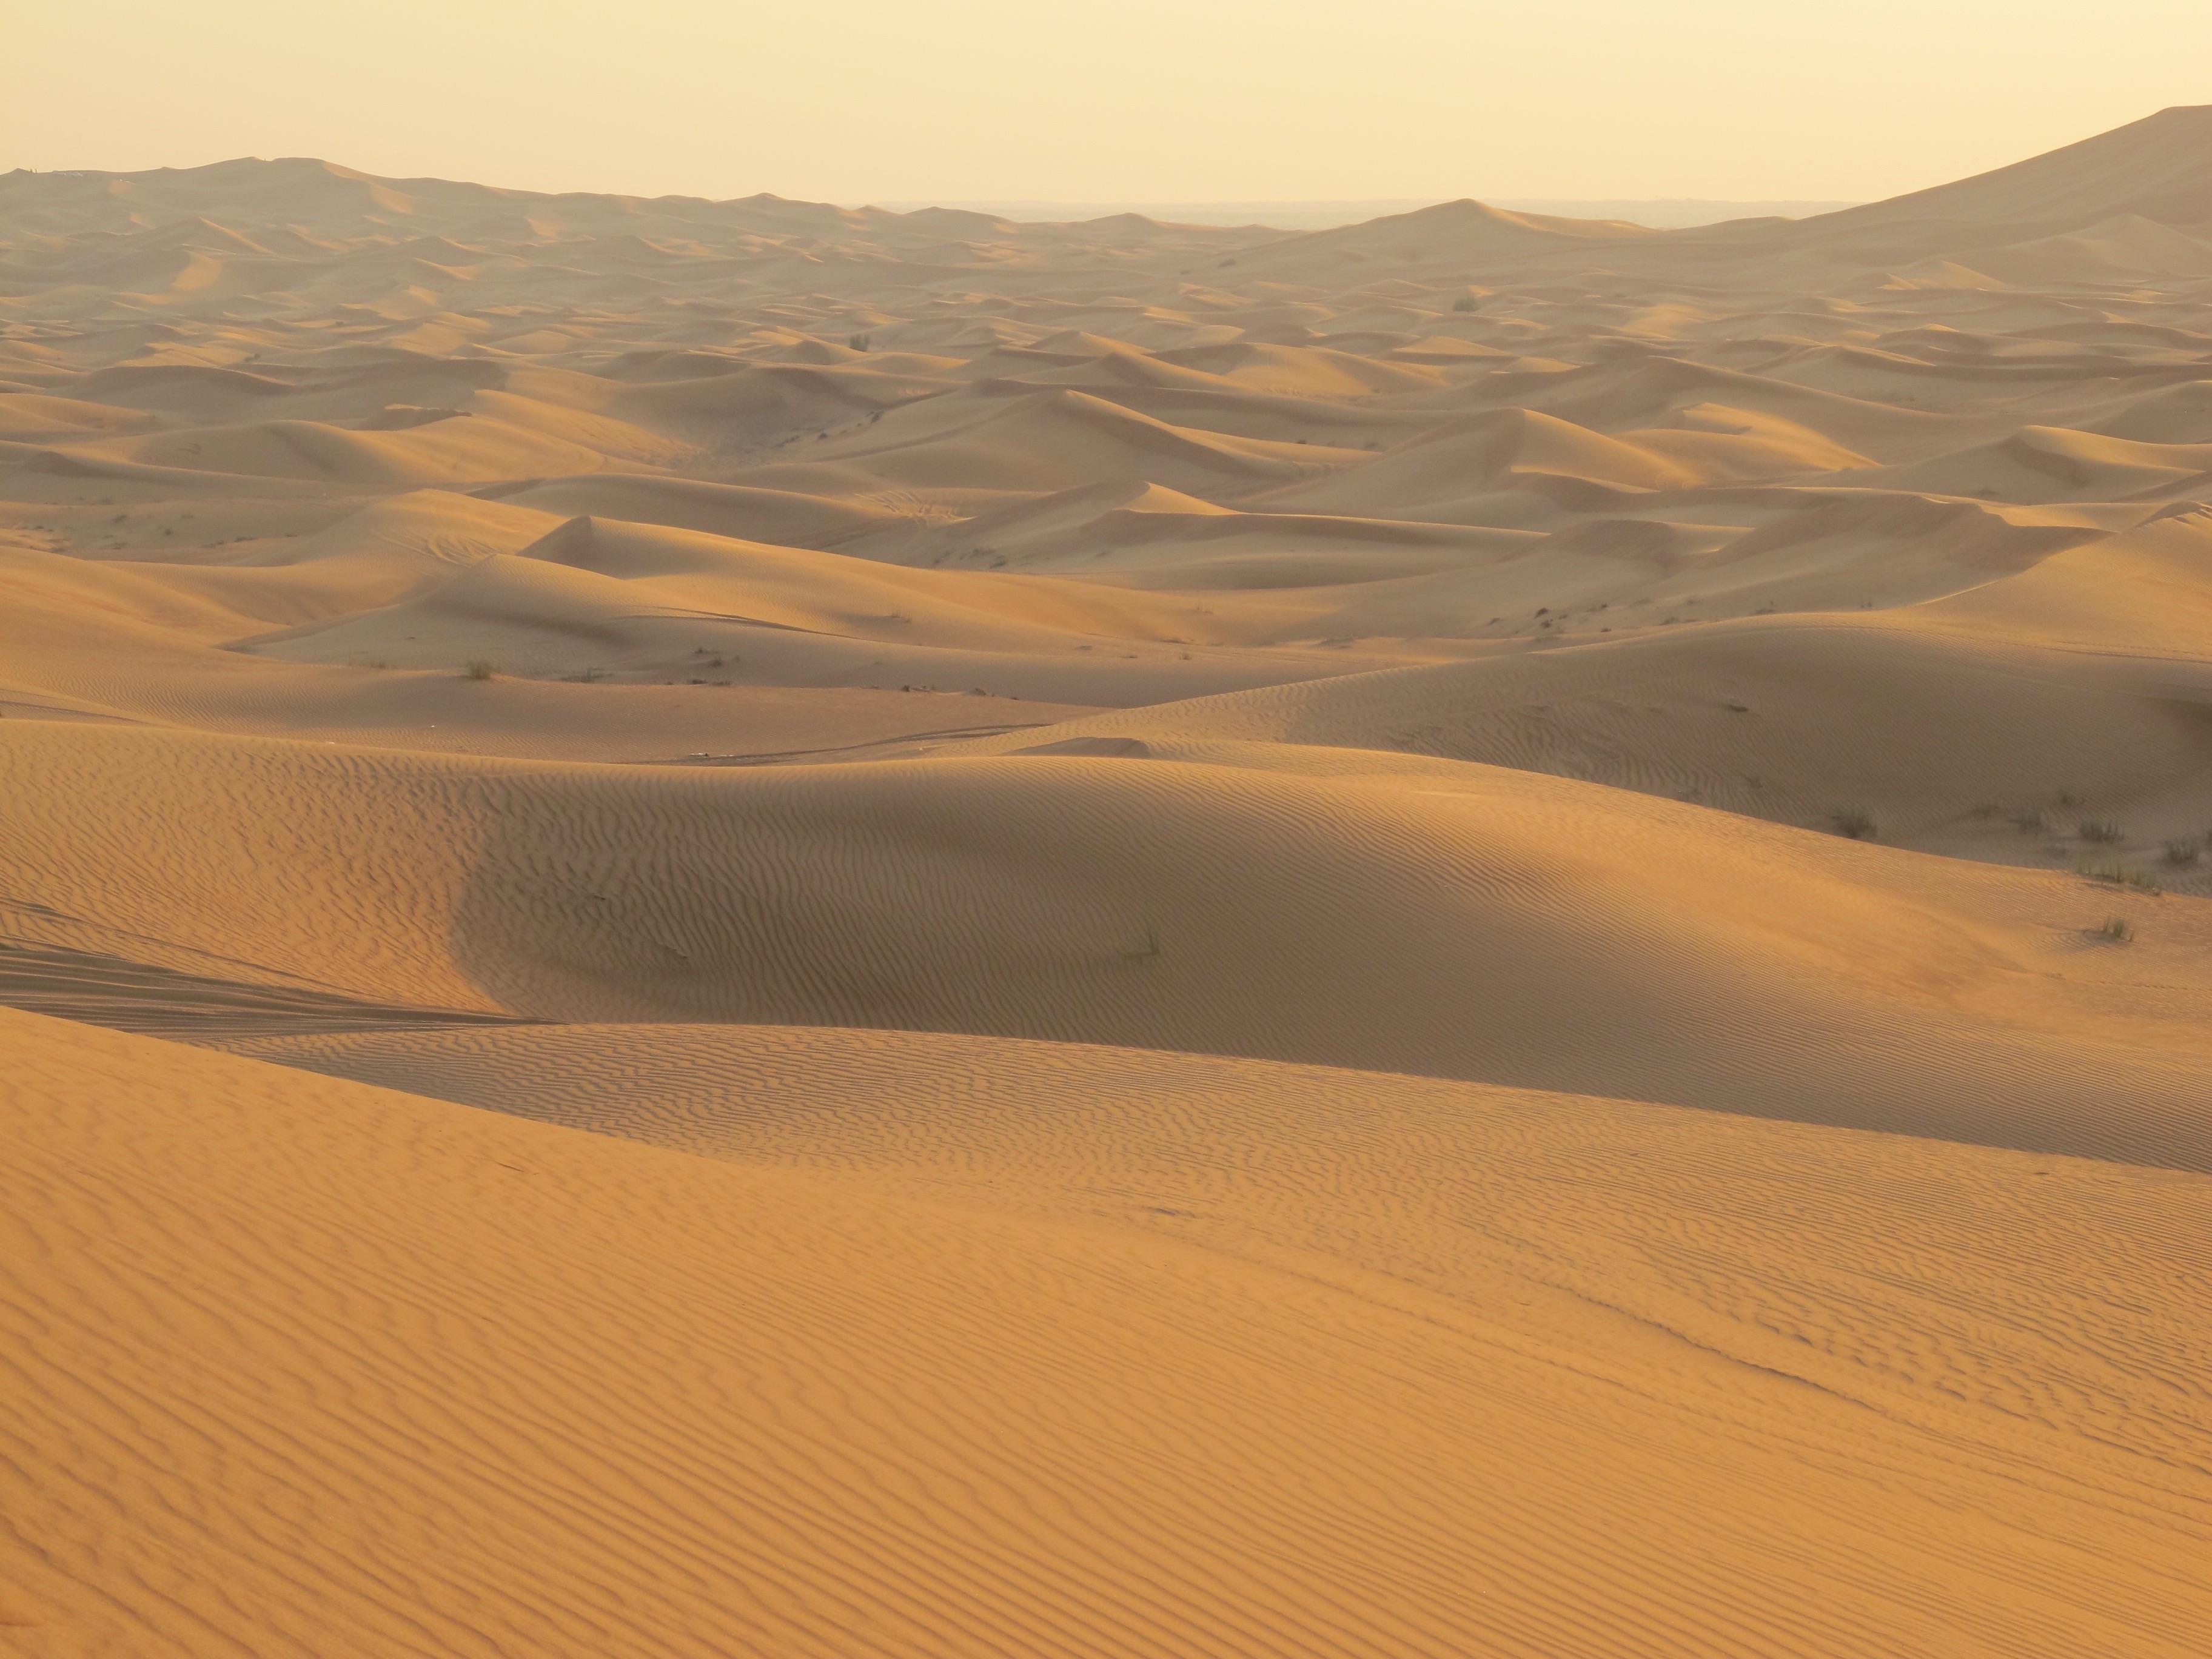 переключения песчаные пустыни картинки симпатичные